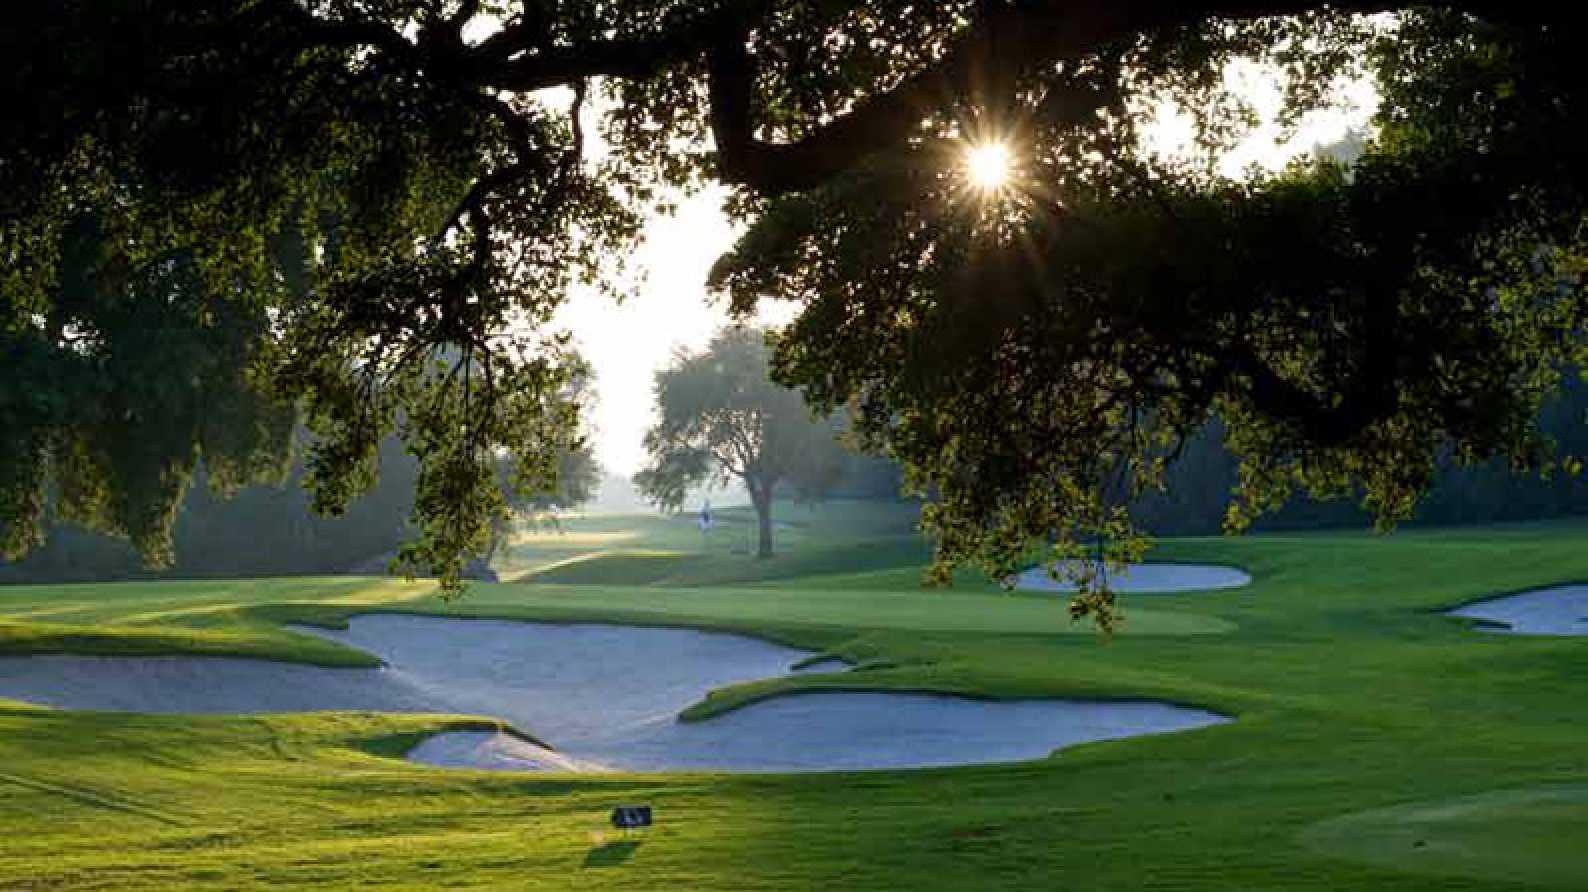 valderrama-golf-course-5